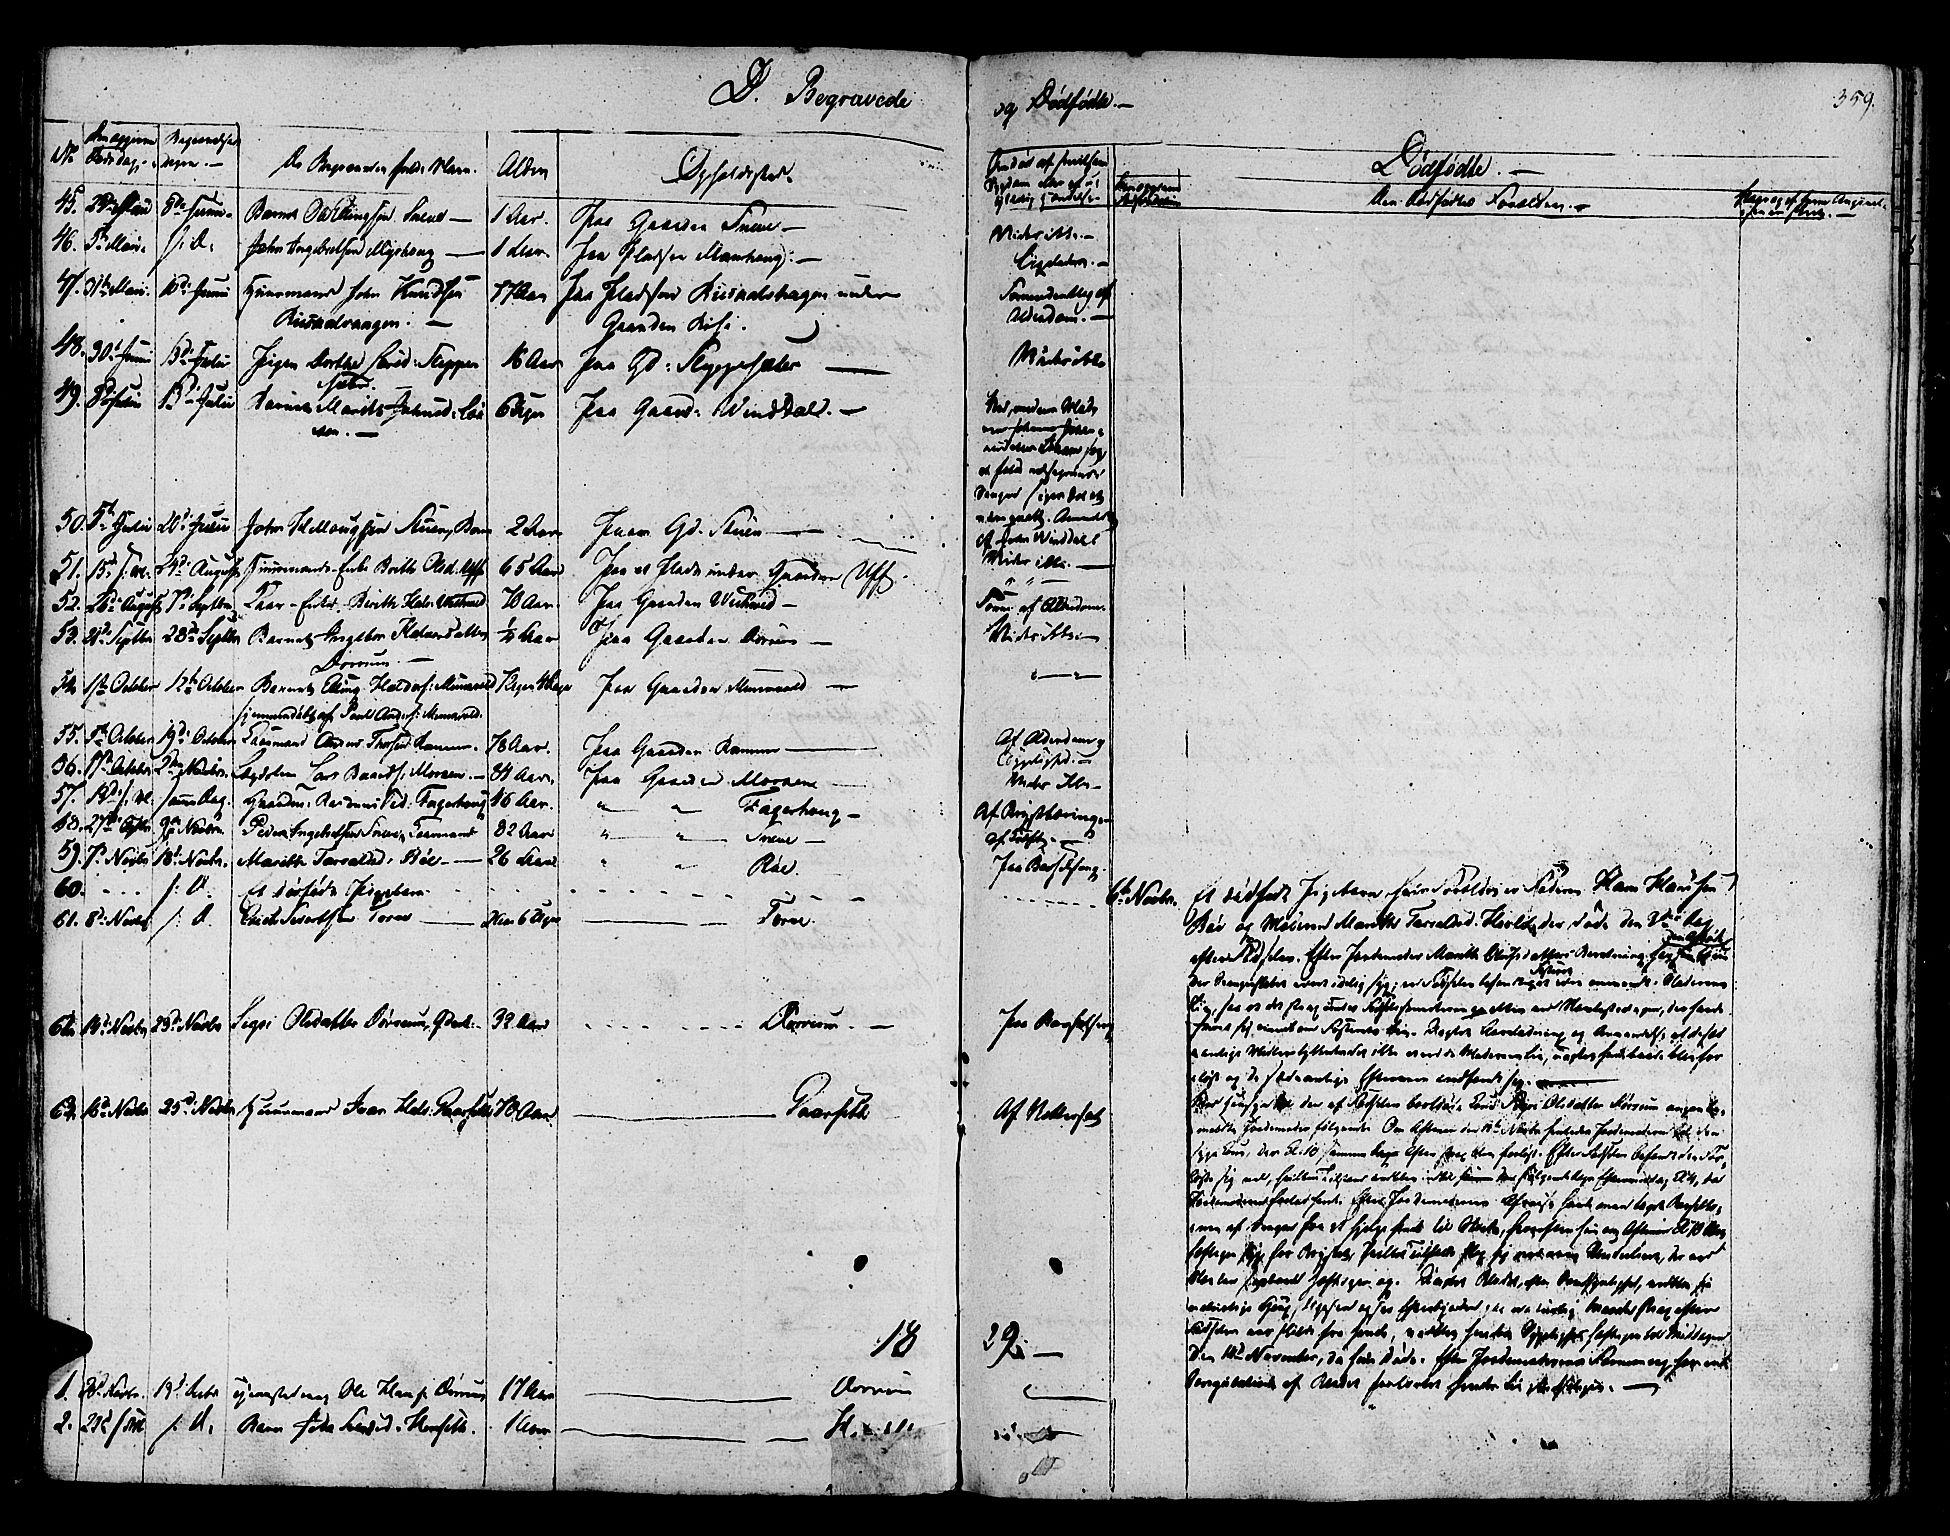 SAT, Ministerialprotokoller, klokkerbøker og fødselsregistre - Sør-Trøndelag, 678/L0897: Ministerialbok nr. 678A06-07, 1821-1847, s. 359